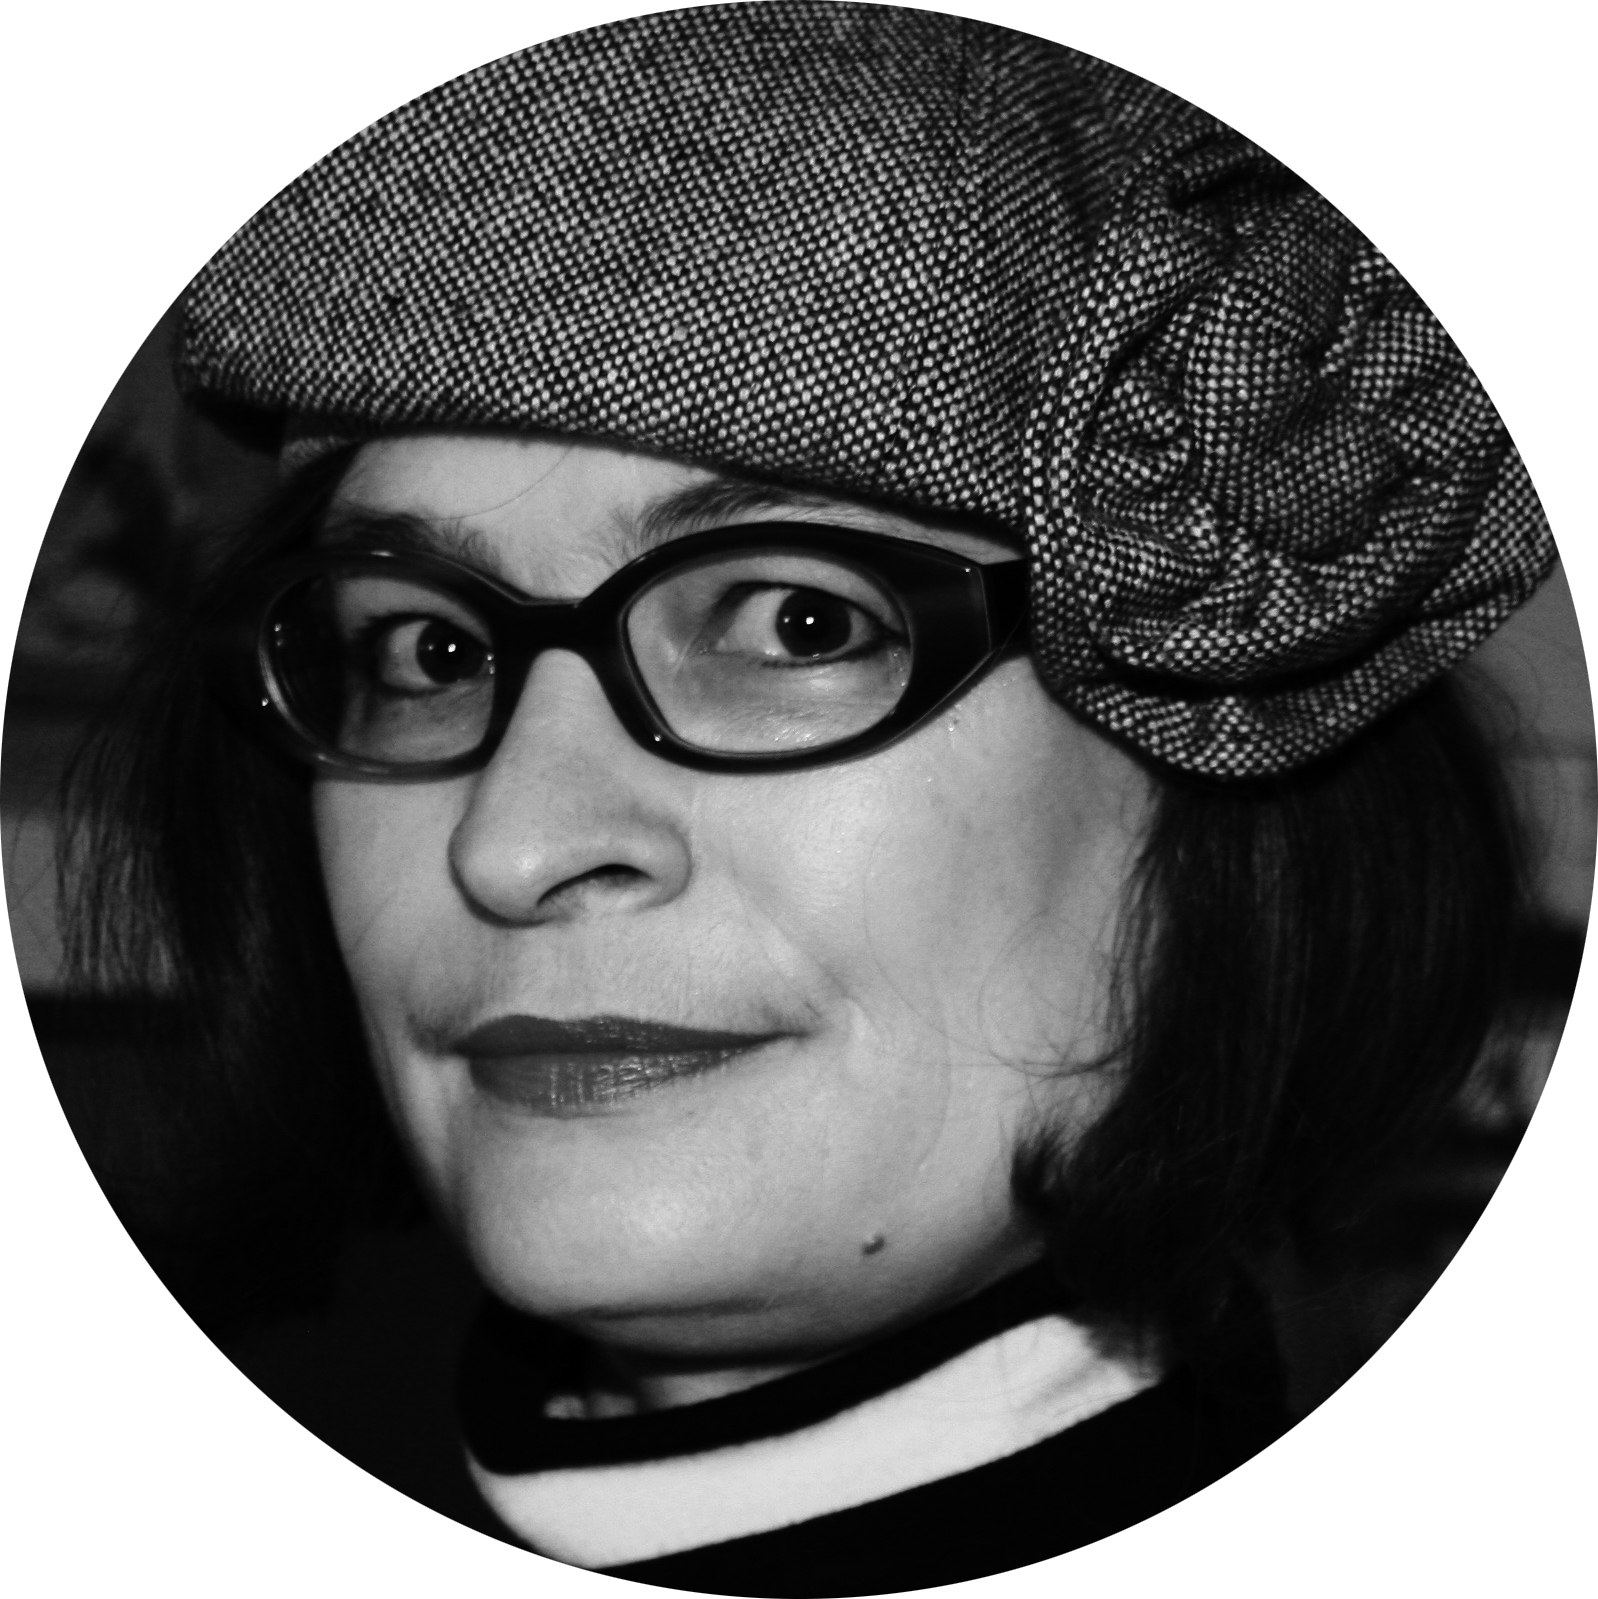 Anja Schlossberger